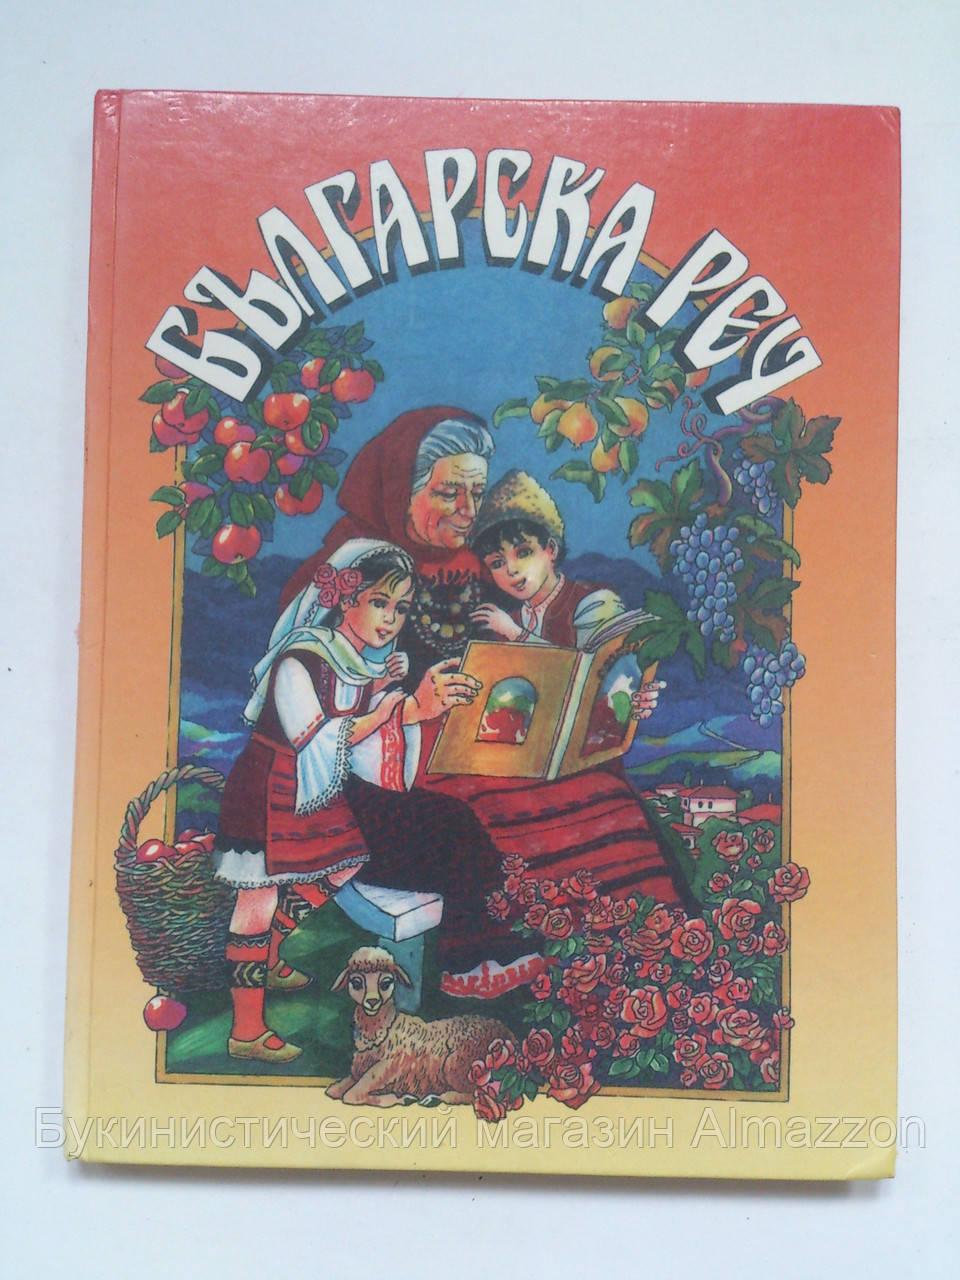 Открытка на болгарском языке